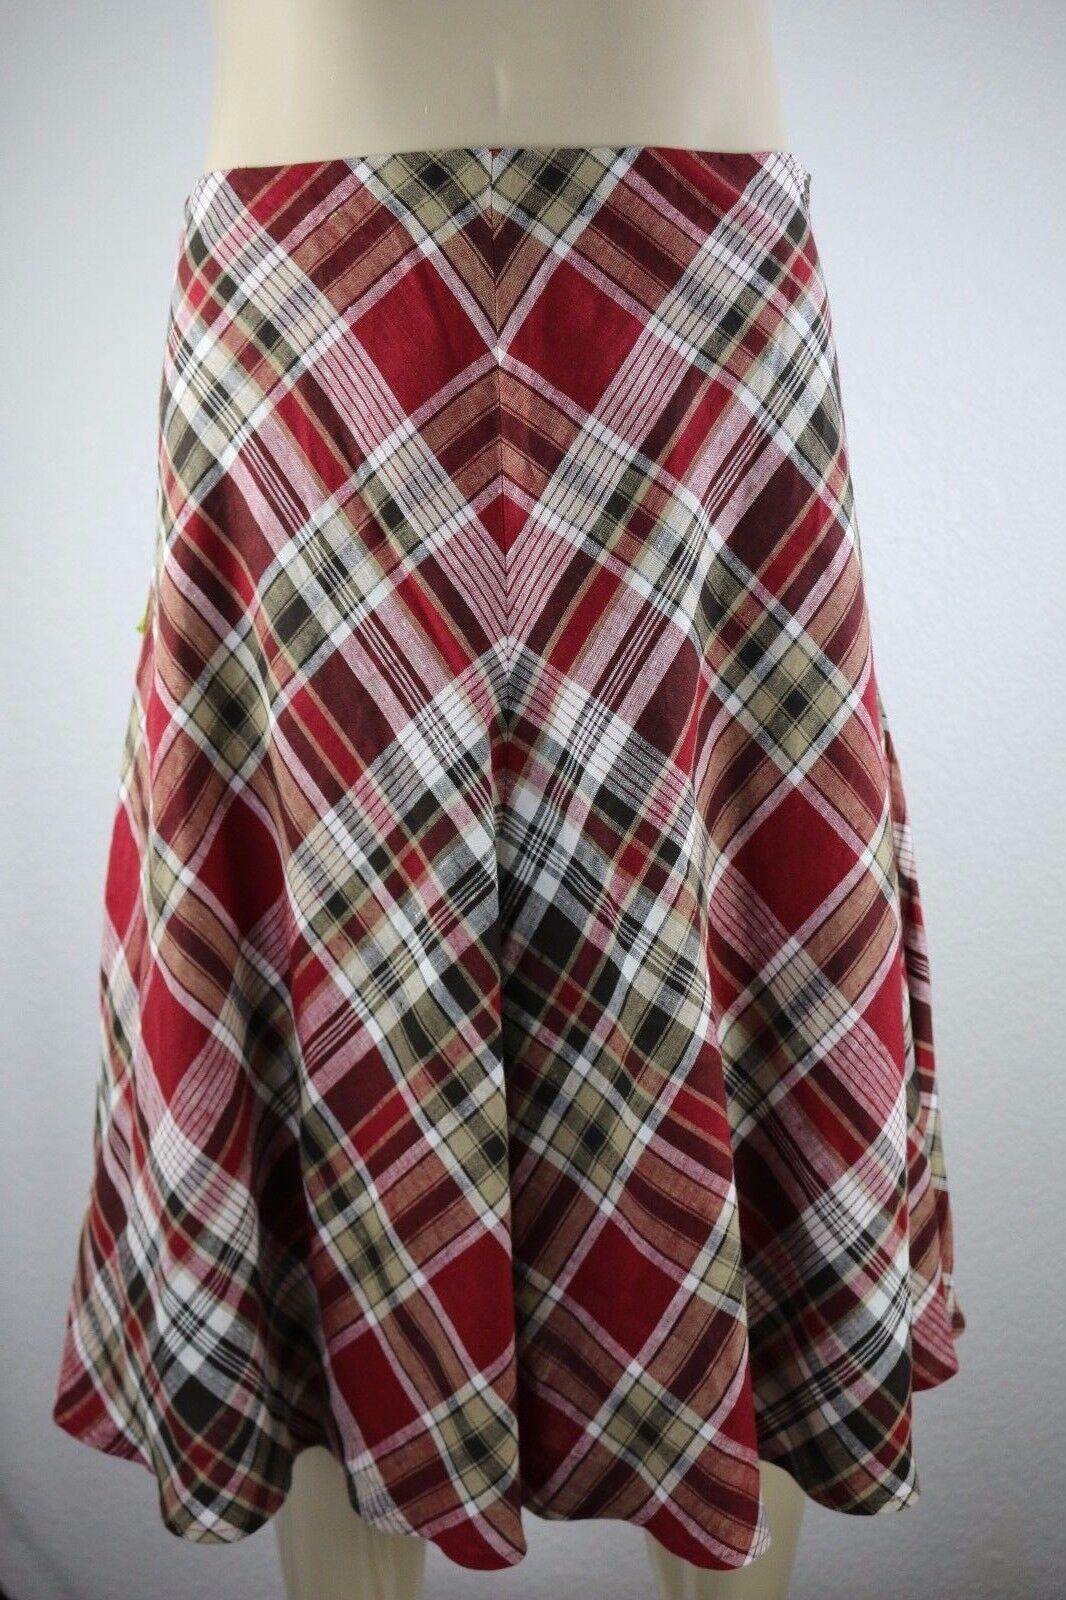 NEW Jones New York Signature Women's Skirt Size 10